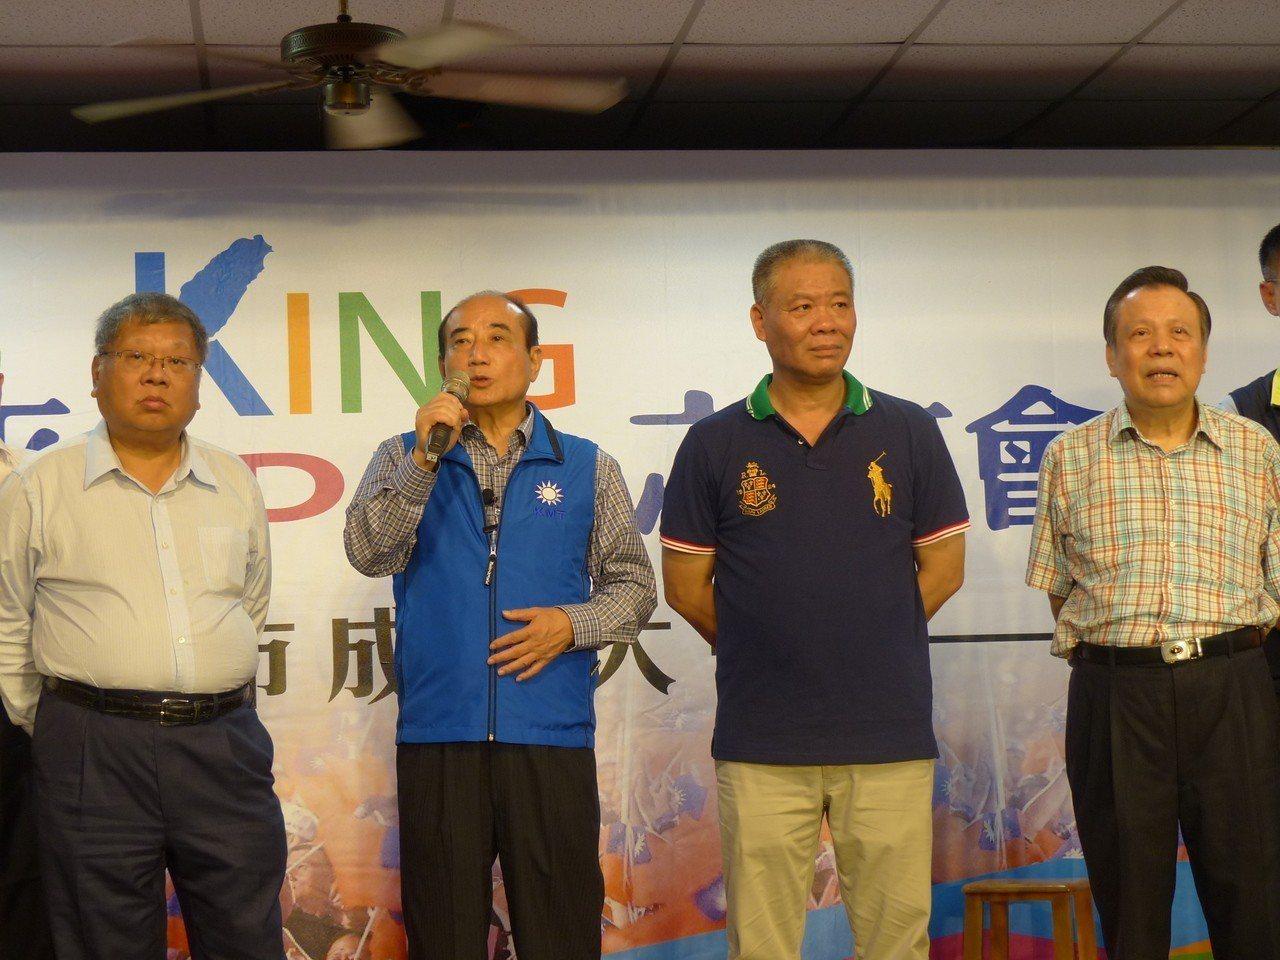 前立法院長王金平(左2) 今天下午參加在彰化市向陽社區活動中心舉行的彰化市金平之...